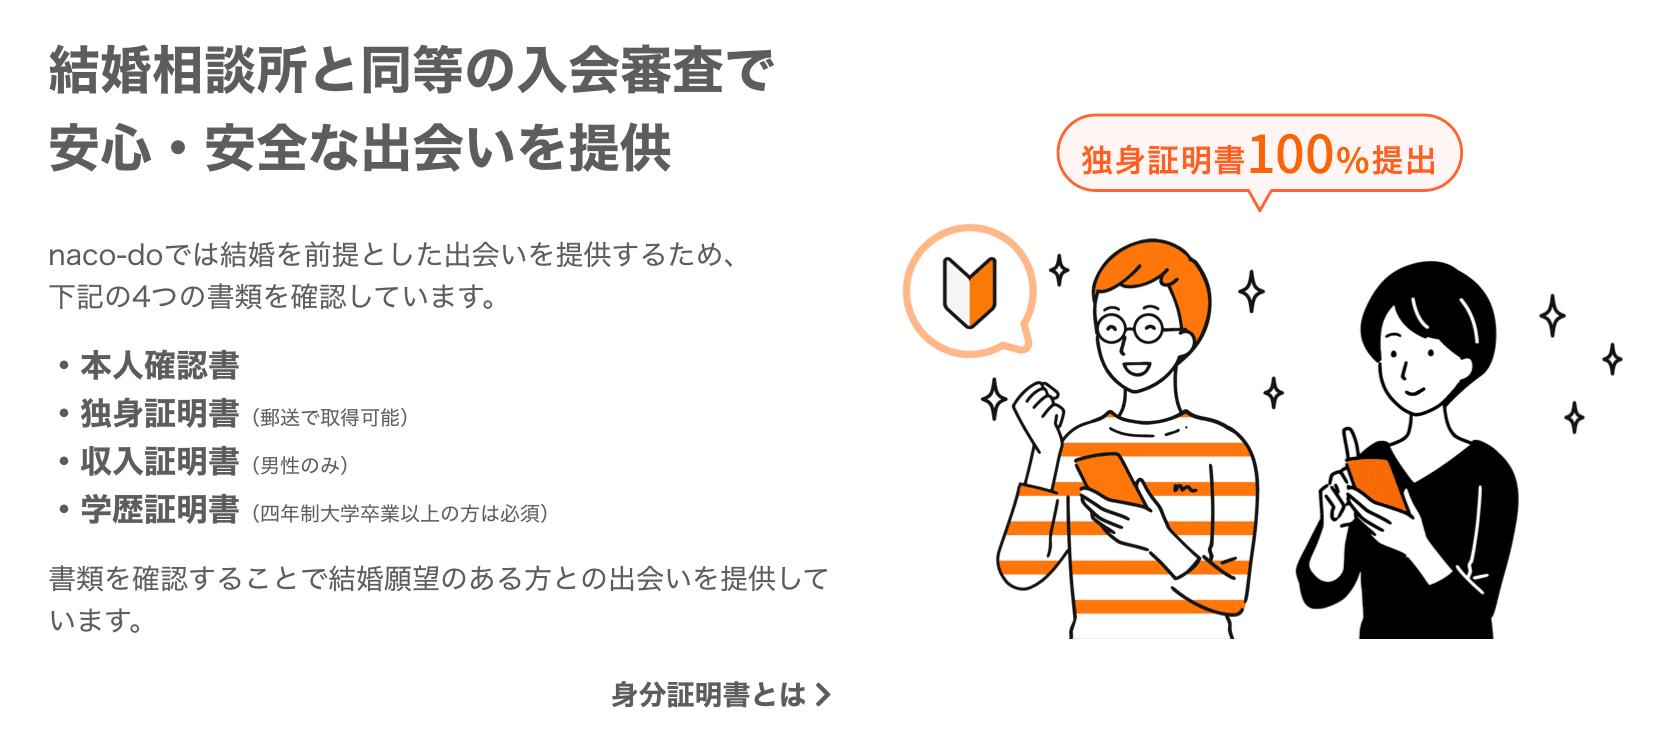 naco-do(ナコード)の審査